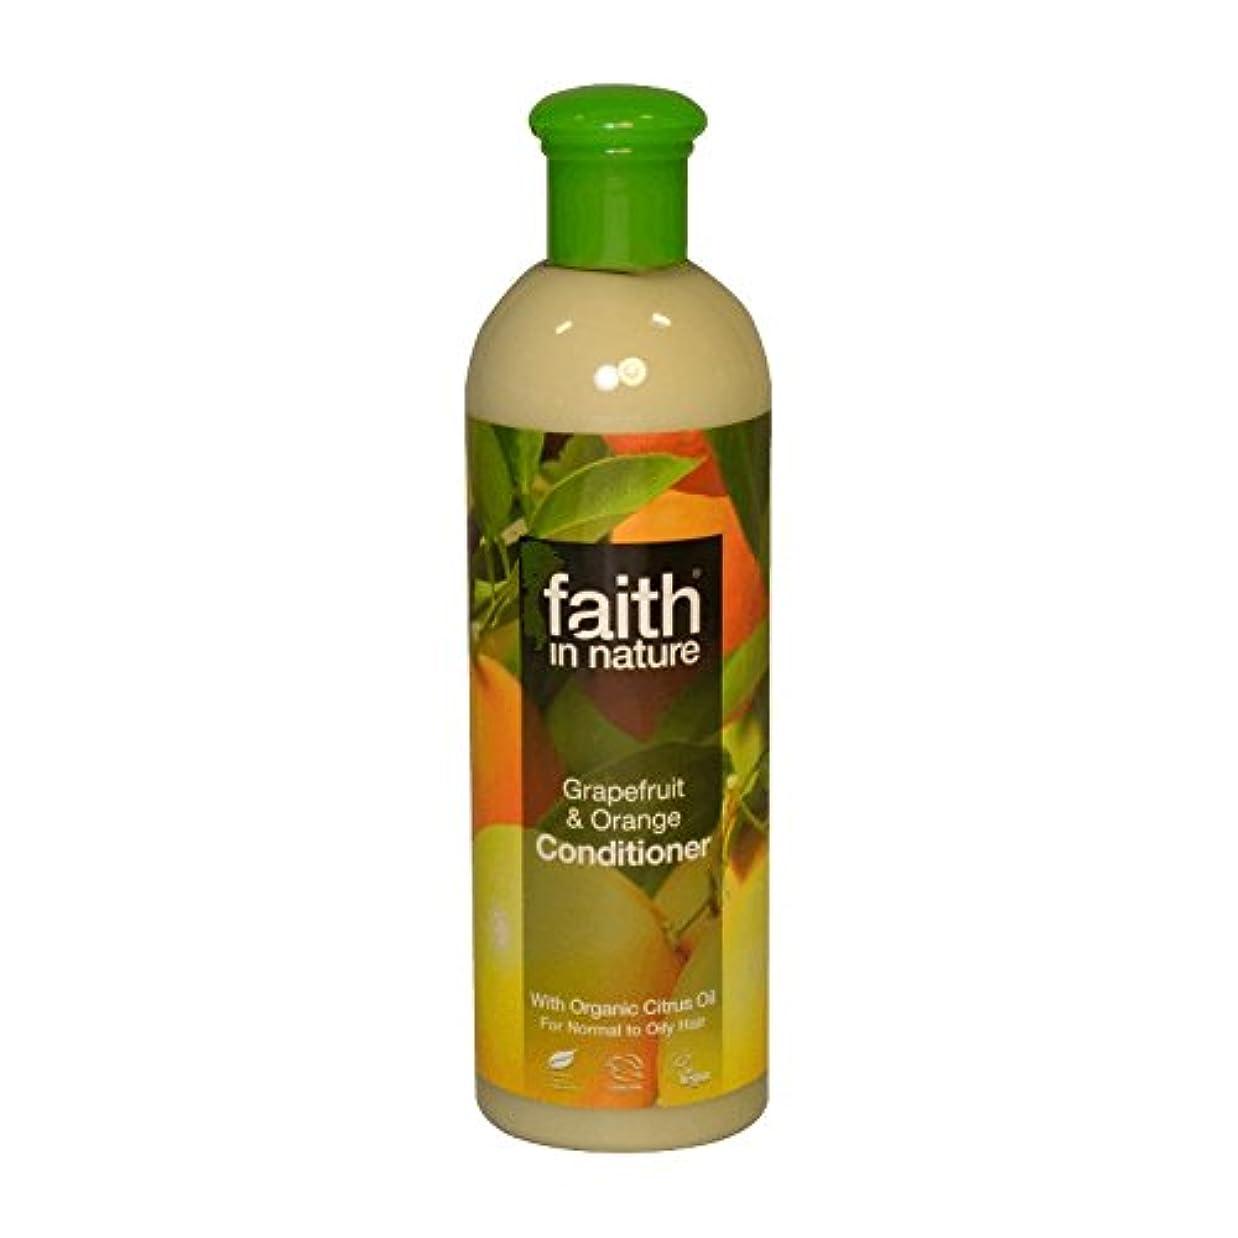 証明書日修正するFaith in Nature Grapefruit & Orange Conditioner 400ml (Pack of 6) - 自然グレープフルーツ&オレンジコンディショナー400ミリリットルの信仰 (x6) [...